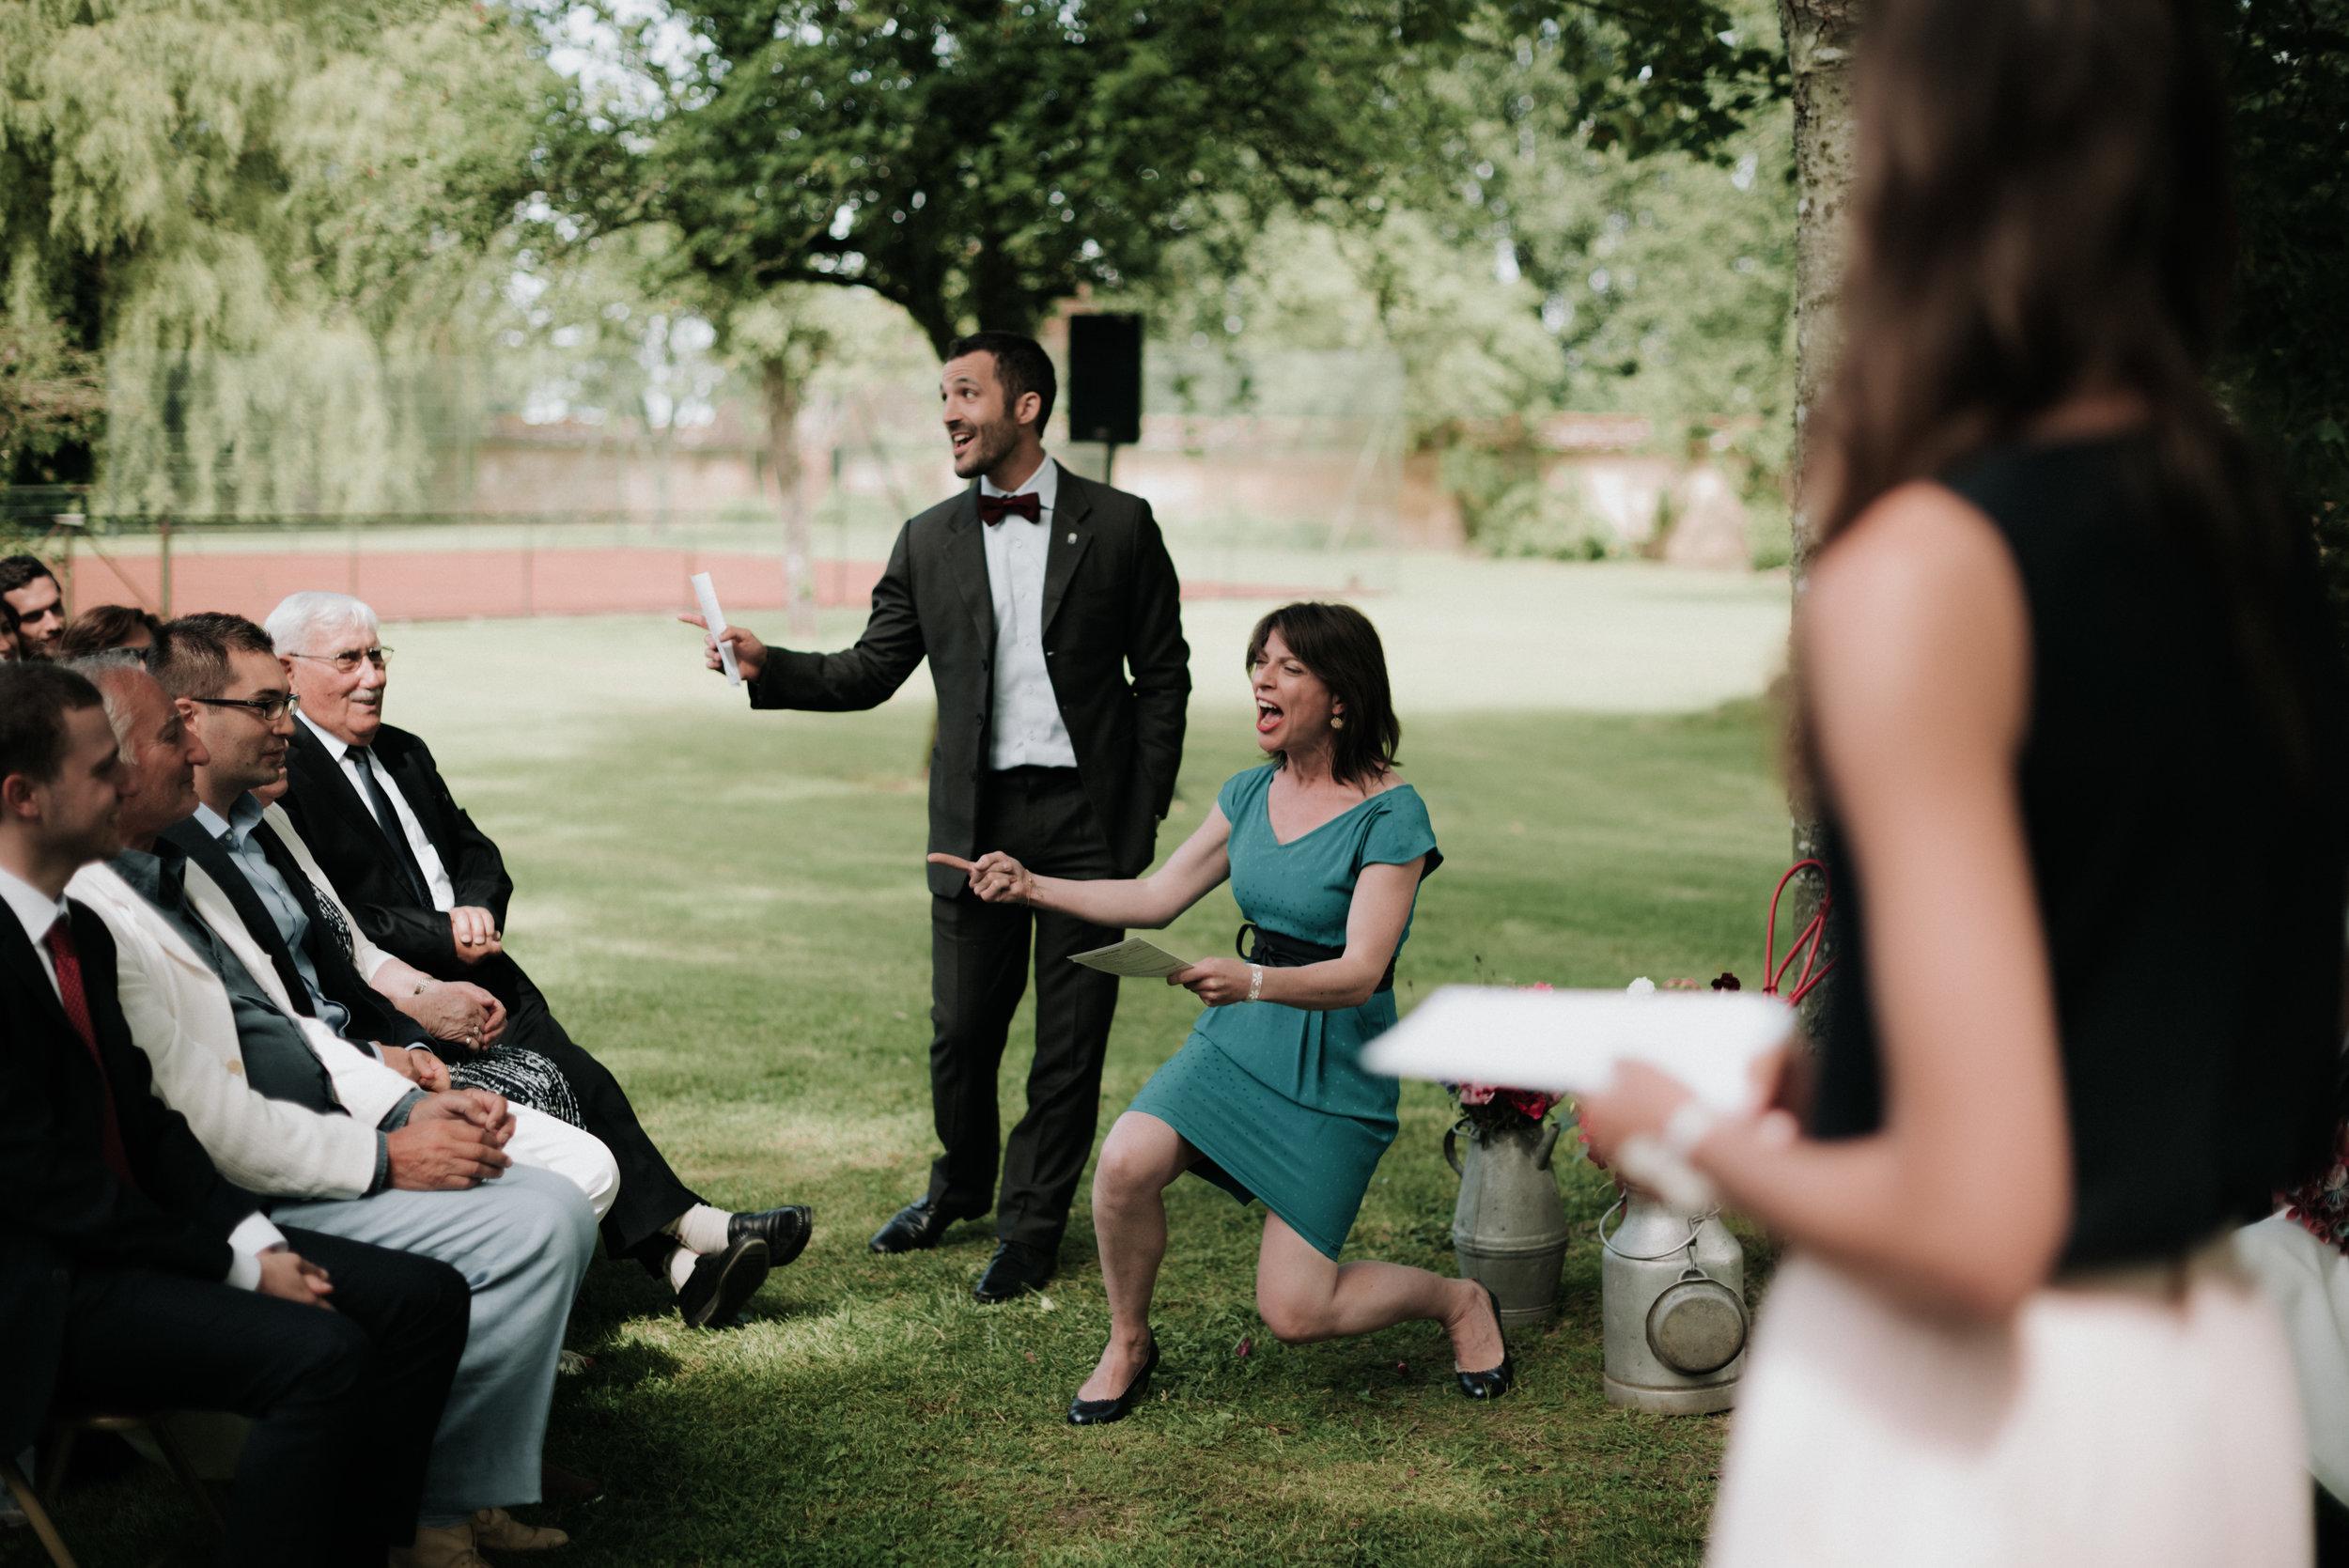 Léa-Fery-photographe-professionnel-lyon-rhone-alpes-portrait-creation-mariage-evenement-evenementiel-famille-5556.jpg